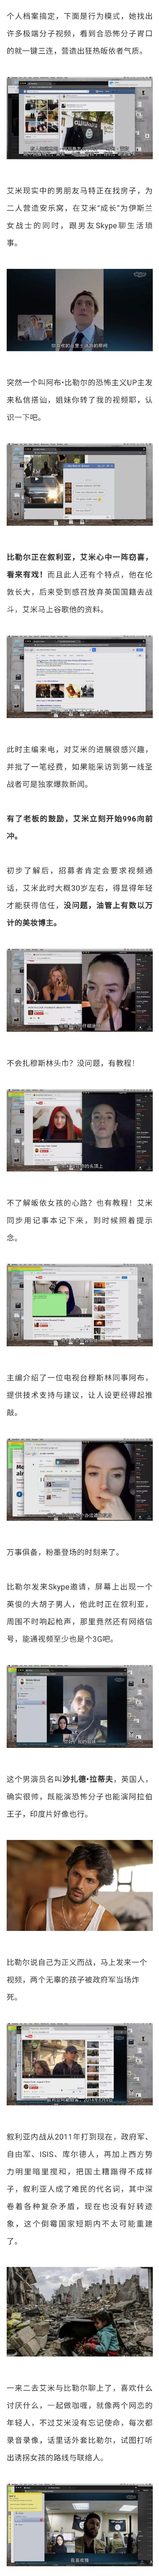 """雪藏三年终亮相,又一部细思极恐的""""桌面电影"""""""